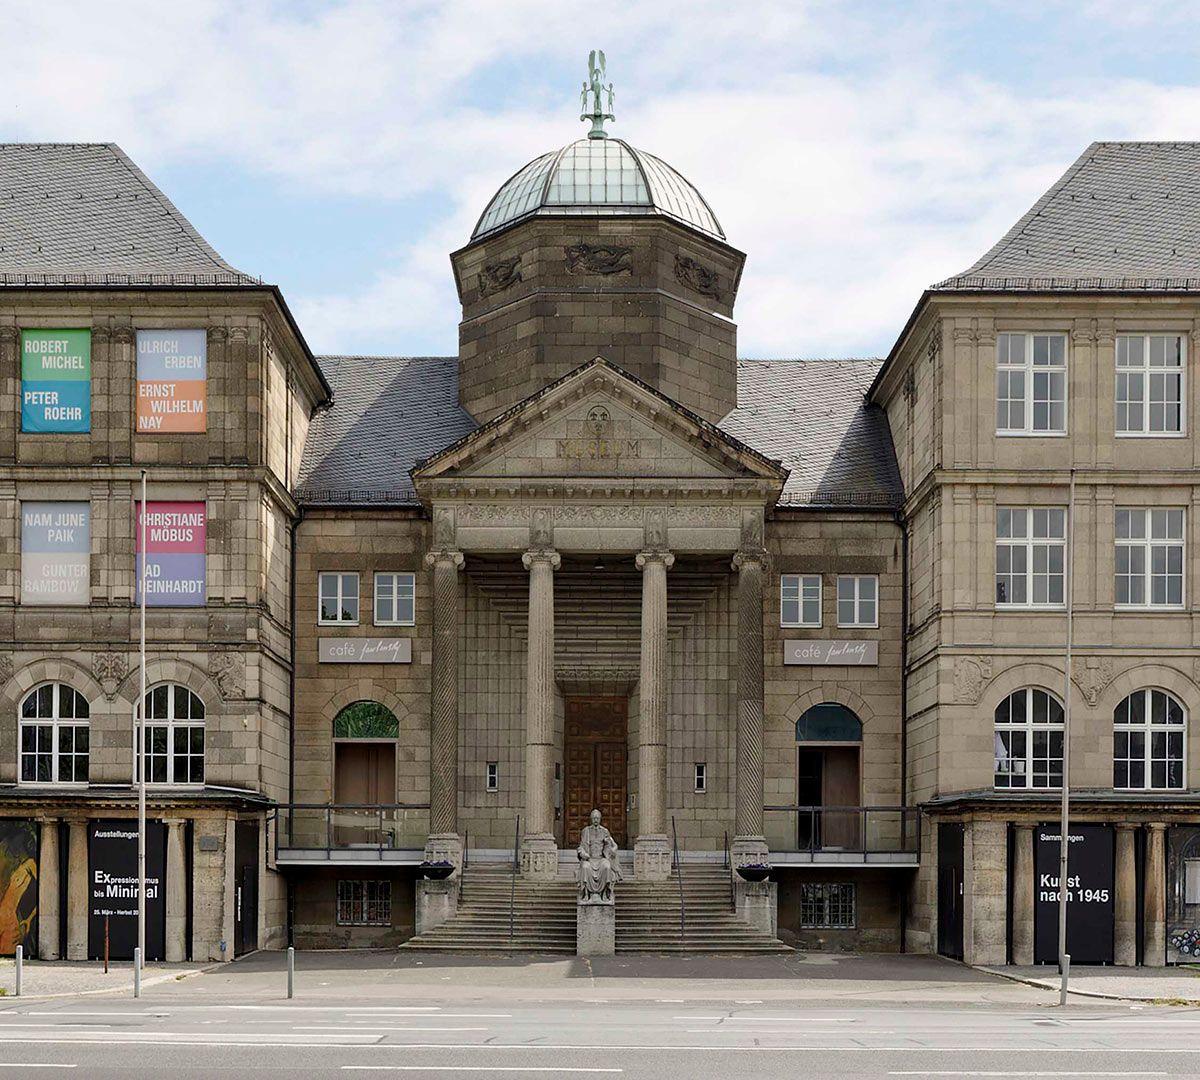 Die Exponate Des Museums Wiesbaden Reichen Von Der Prahistorie Bis In Die Gegenwart Und Gliedern Sich In Die Sammlung Alter M Museum Wiesbaden Museum Wiesbaden